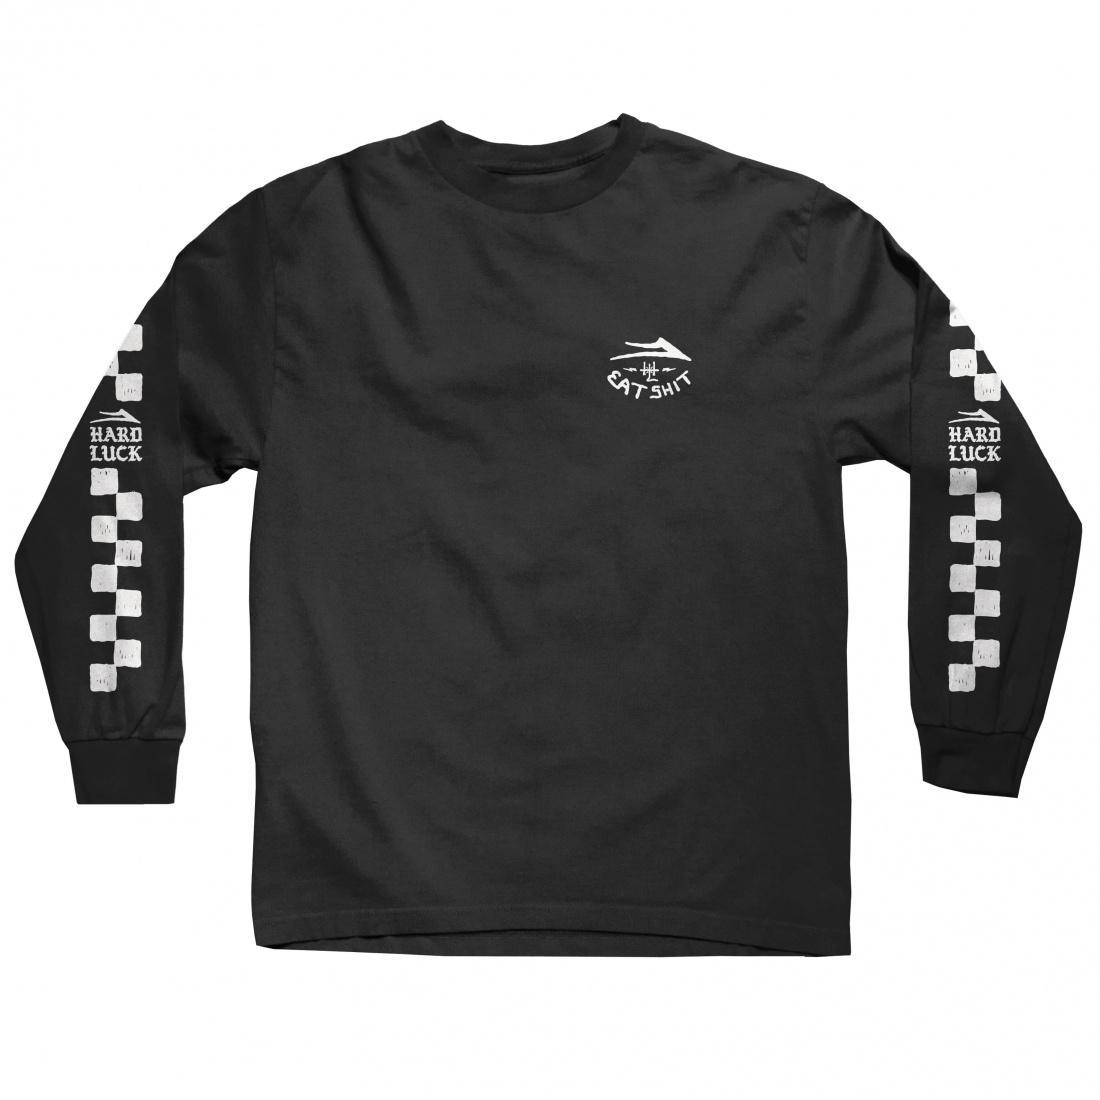 Лонгслив Lakai X Hard Luck Eat Shirt купить в Boardshop №1